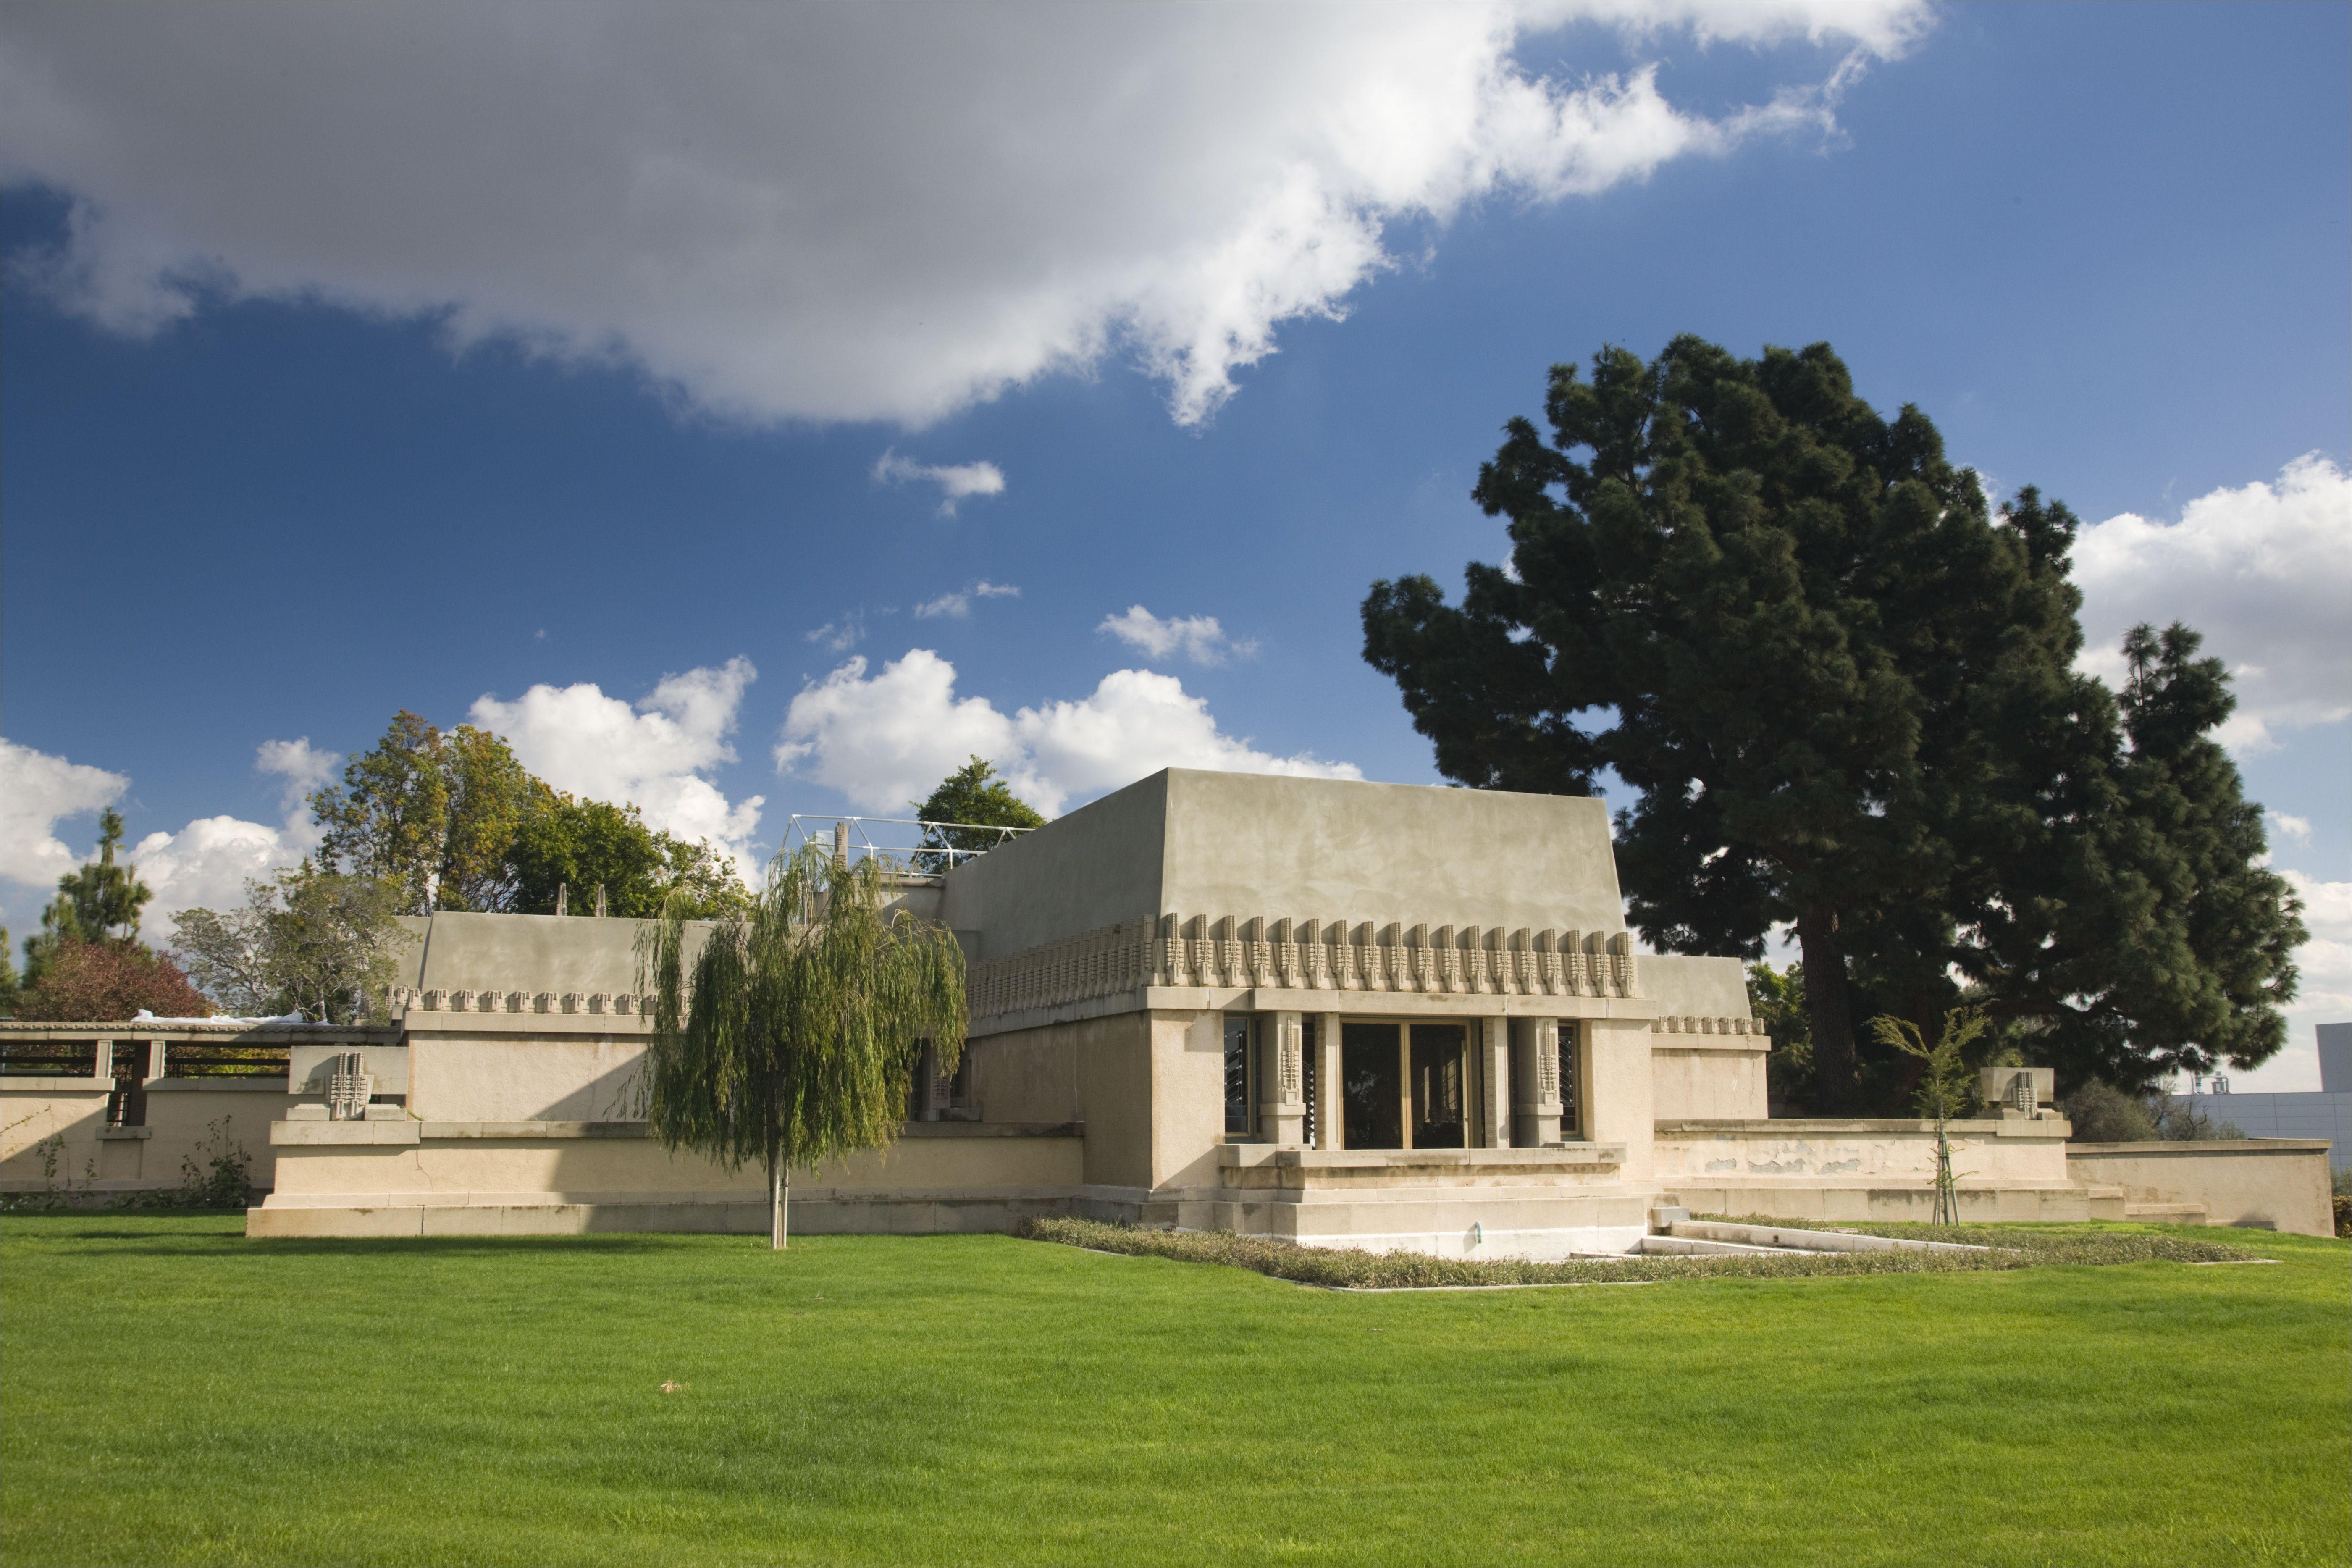 usa california los angeles loz feliz neighborhood barnsdall art park hollyhock house designed by frank lloyd wright b 1919 529393398 57cf58c35f9b5829f4a729ea jpg